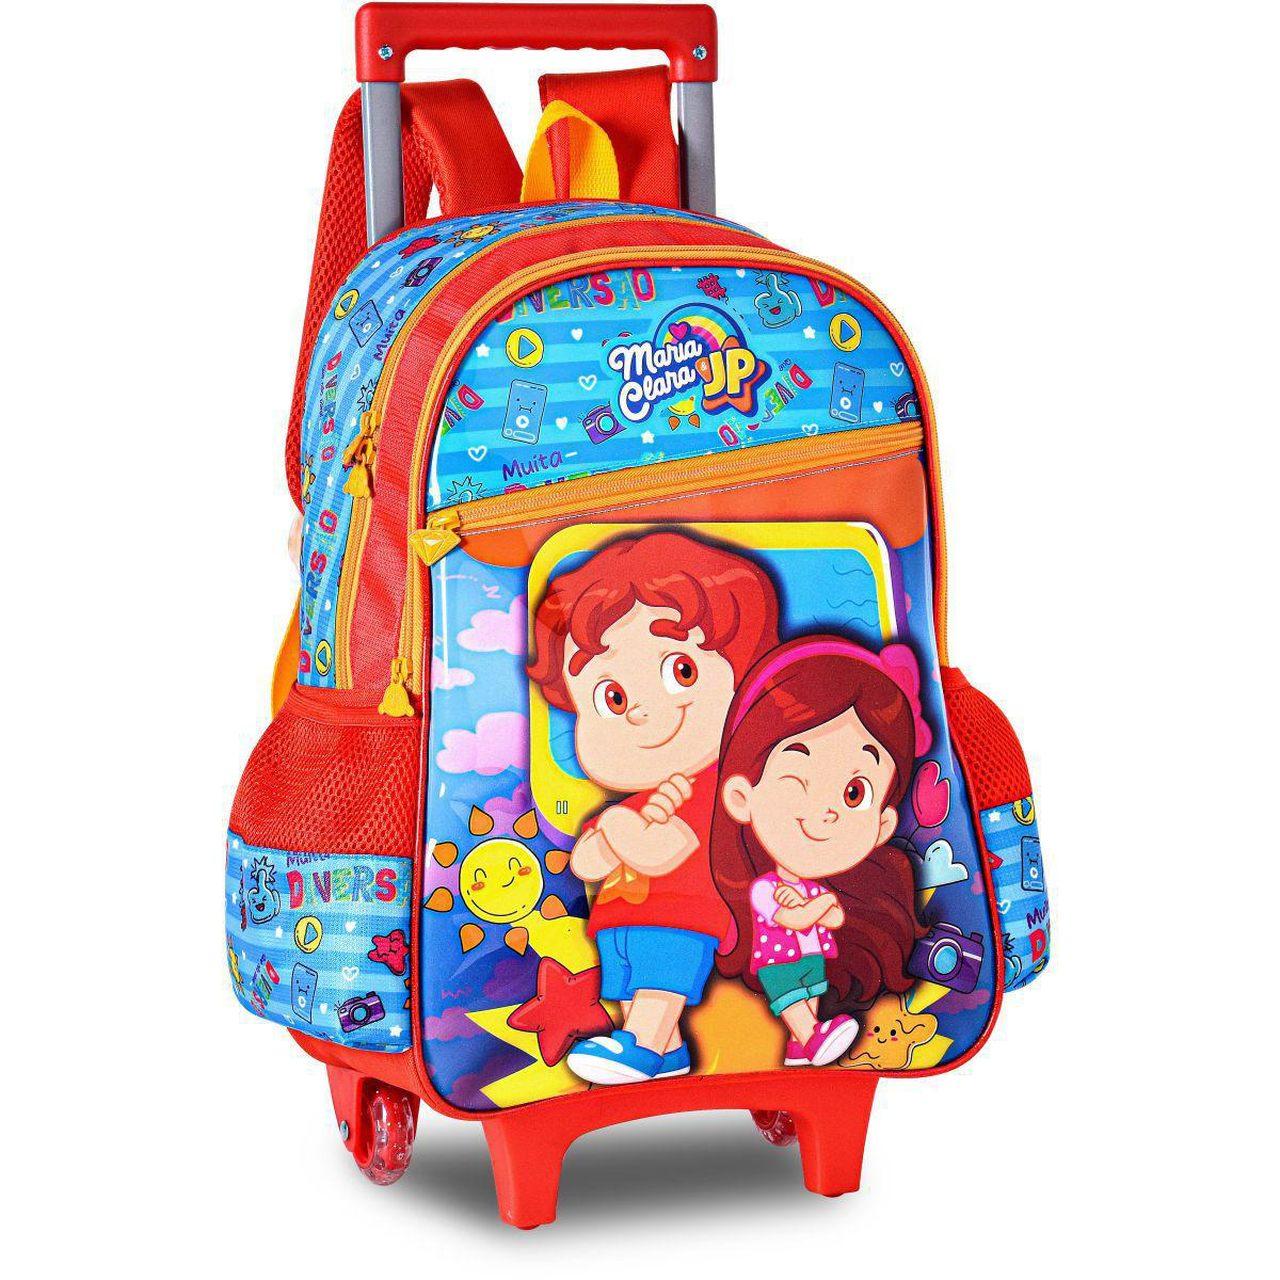 Mochila Escolar Infantil Maria Clara e JP Clio